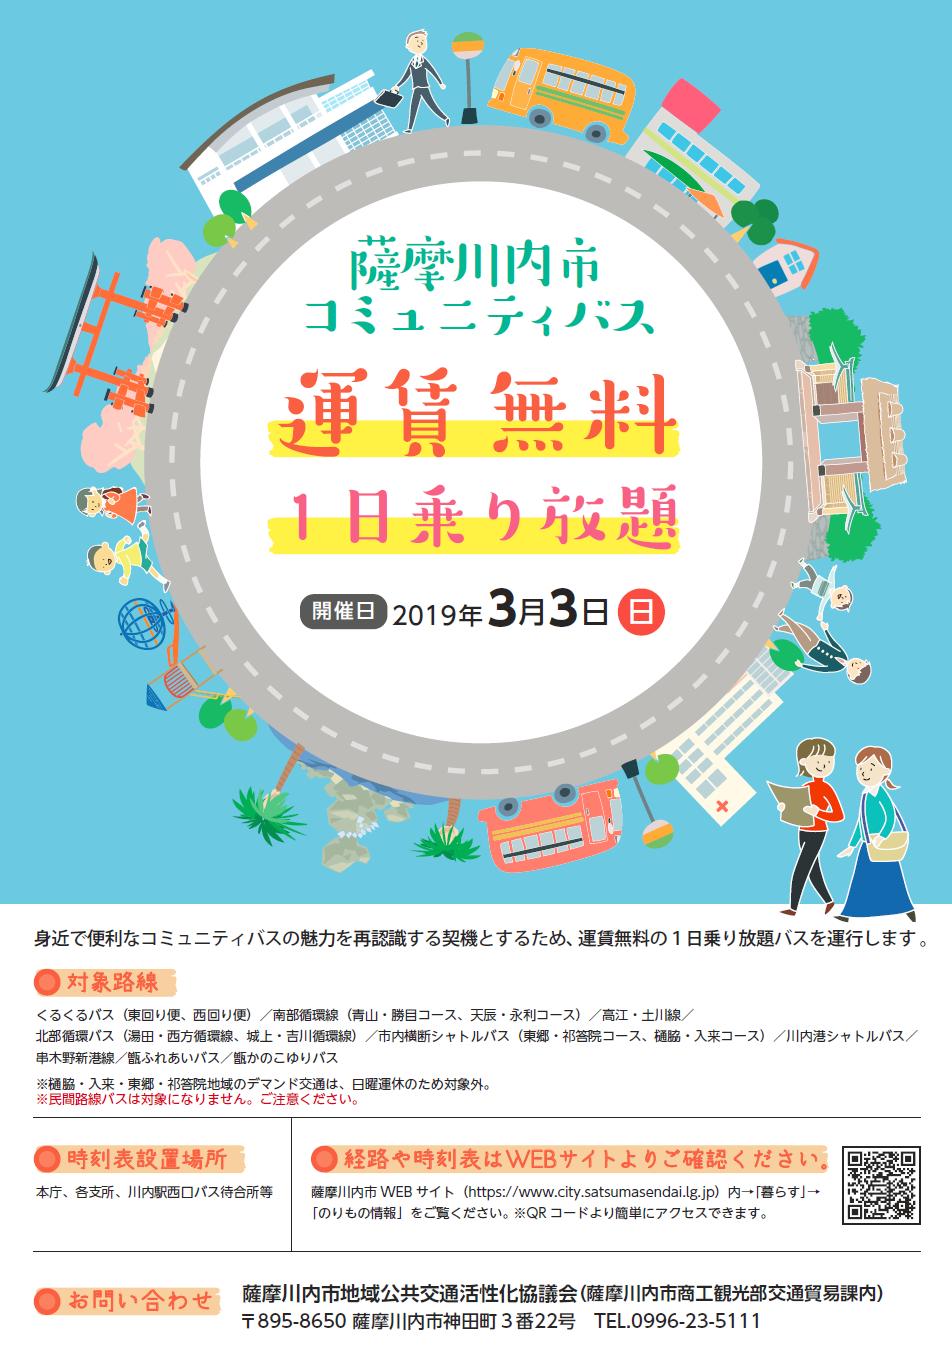 薩摩川内市コミュニティバス運賃無料1日乗り放題 3/3(日)